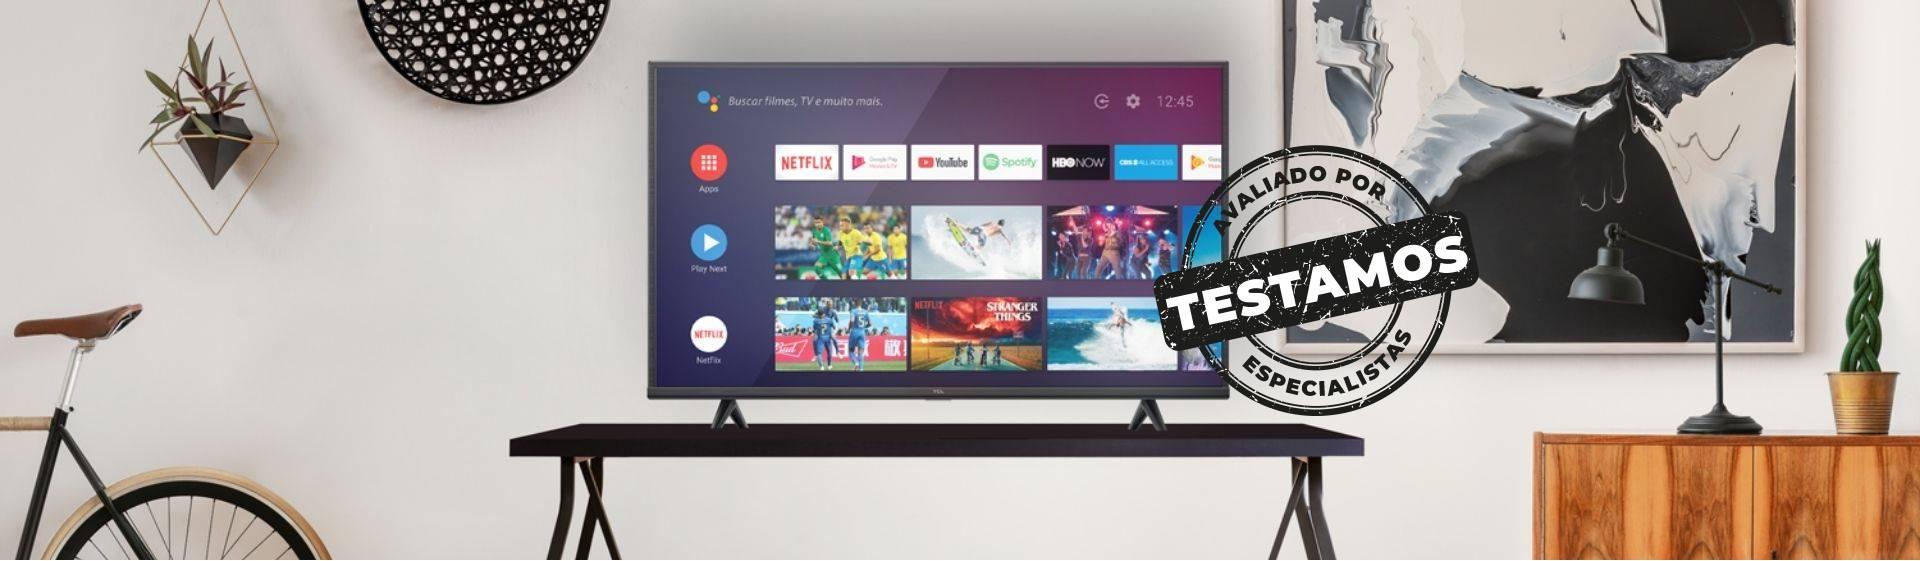 TV TCL P615: modelo de entrada traz 4k e sistema Android